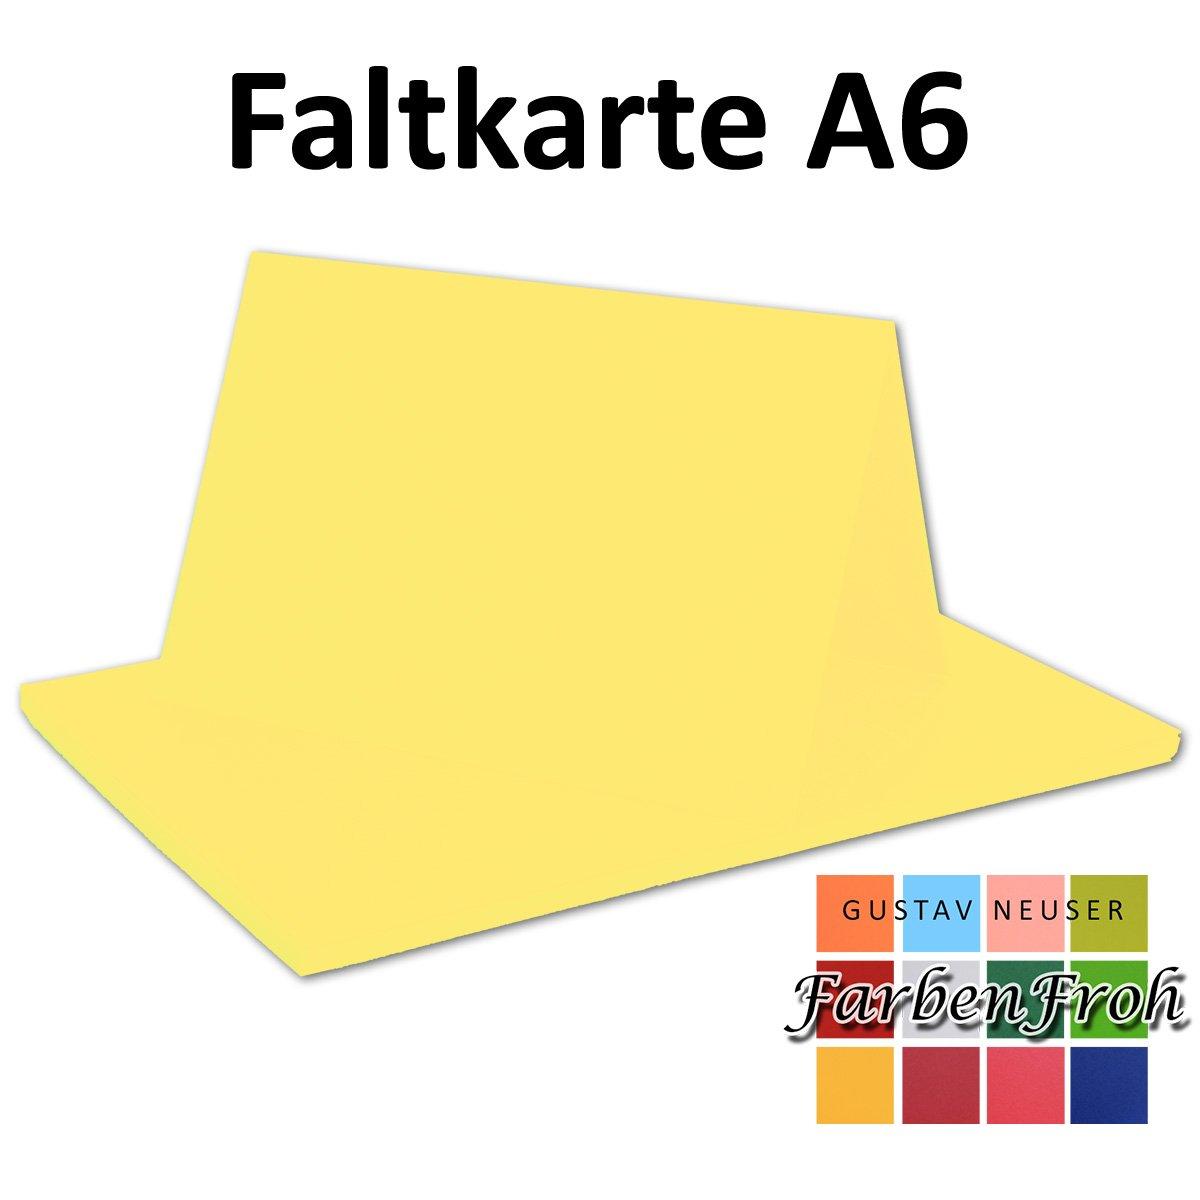 250x Falt-Karten DIN A6 Blanko Doppel-Karten in Hochweiß Kristallweiß -10,5 x 14,8 cm   Premium Qualität   FarbenFroh® B079VN8ZCQ | Kostengünstig